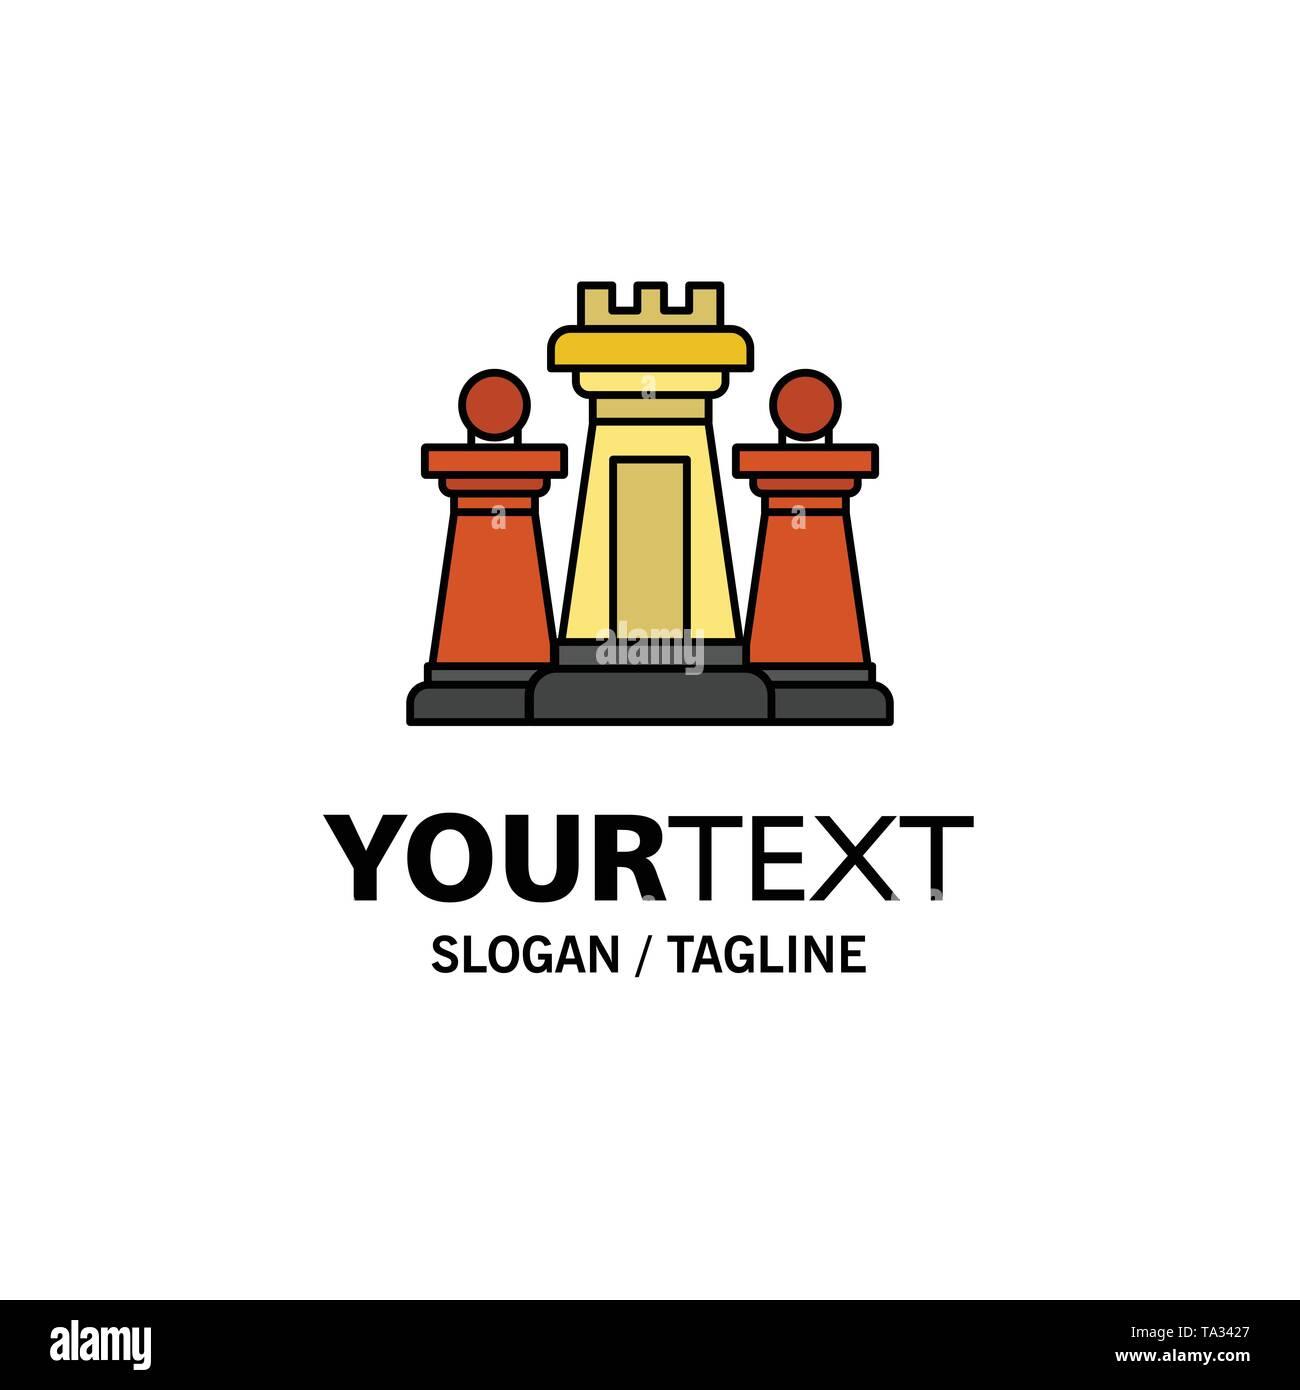 Schach, Computer, Strategie, Taktik, Technik Business Logo Vorlage. Flachen Farbe Stockbild